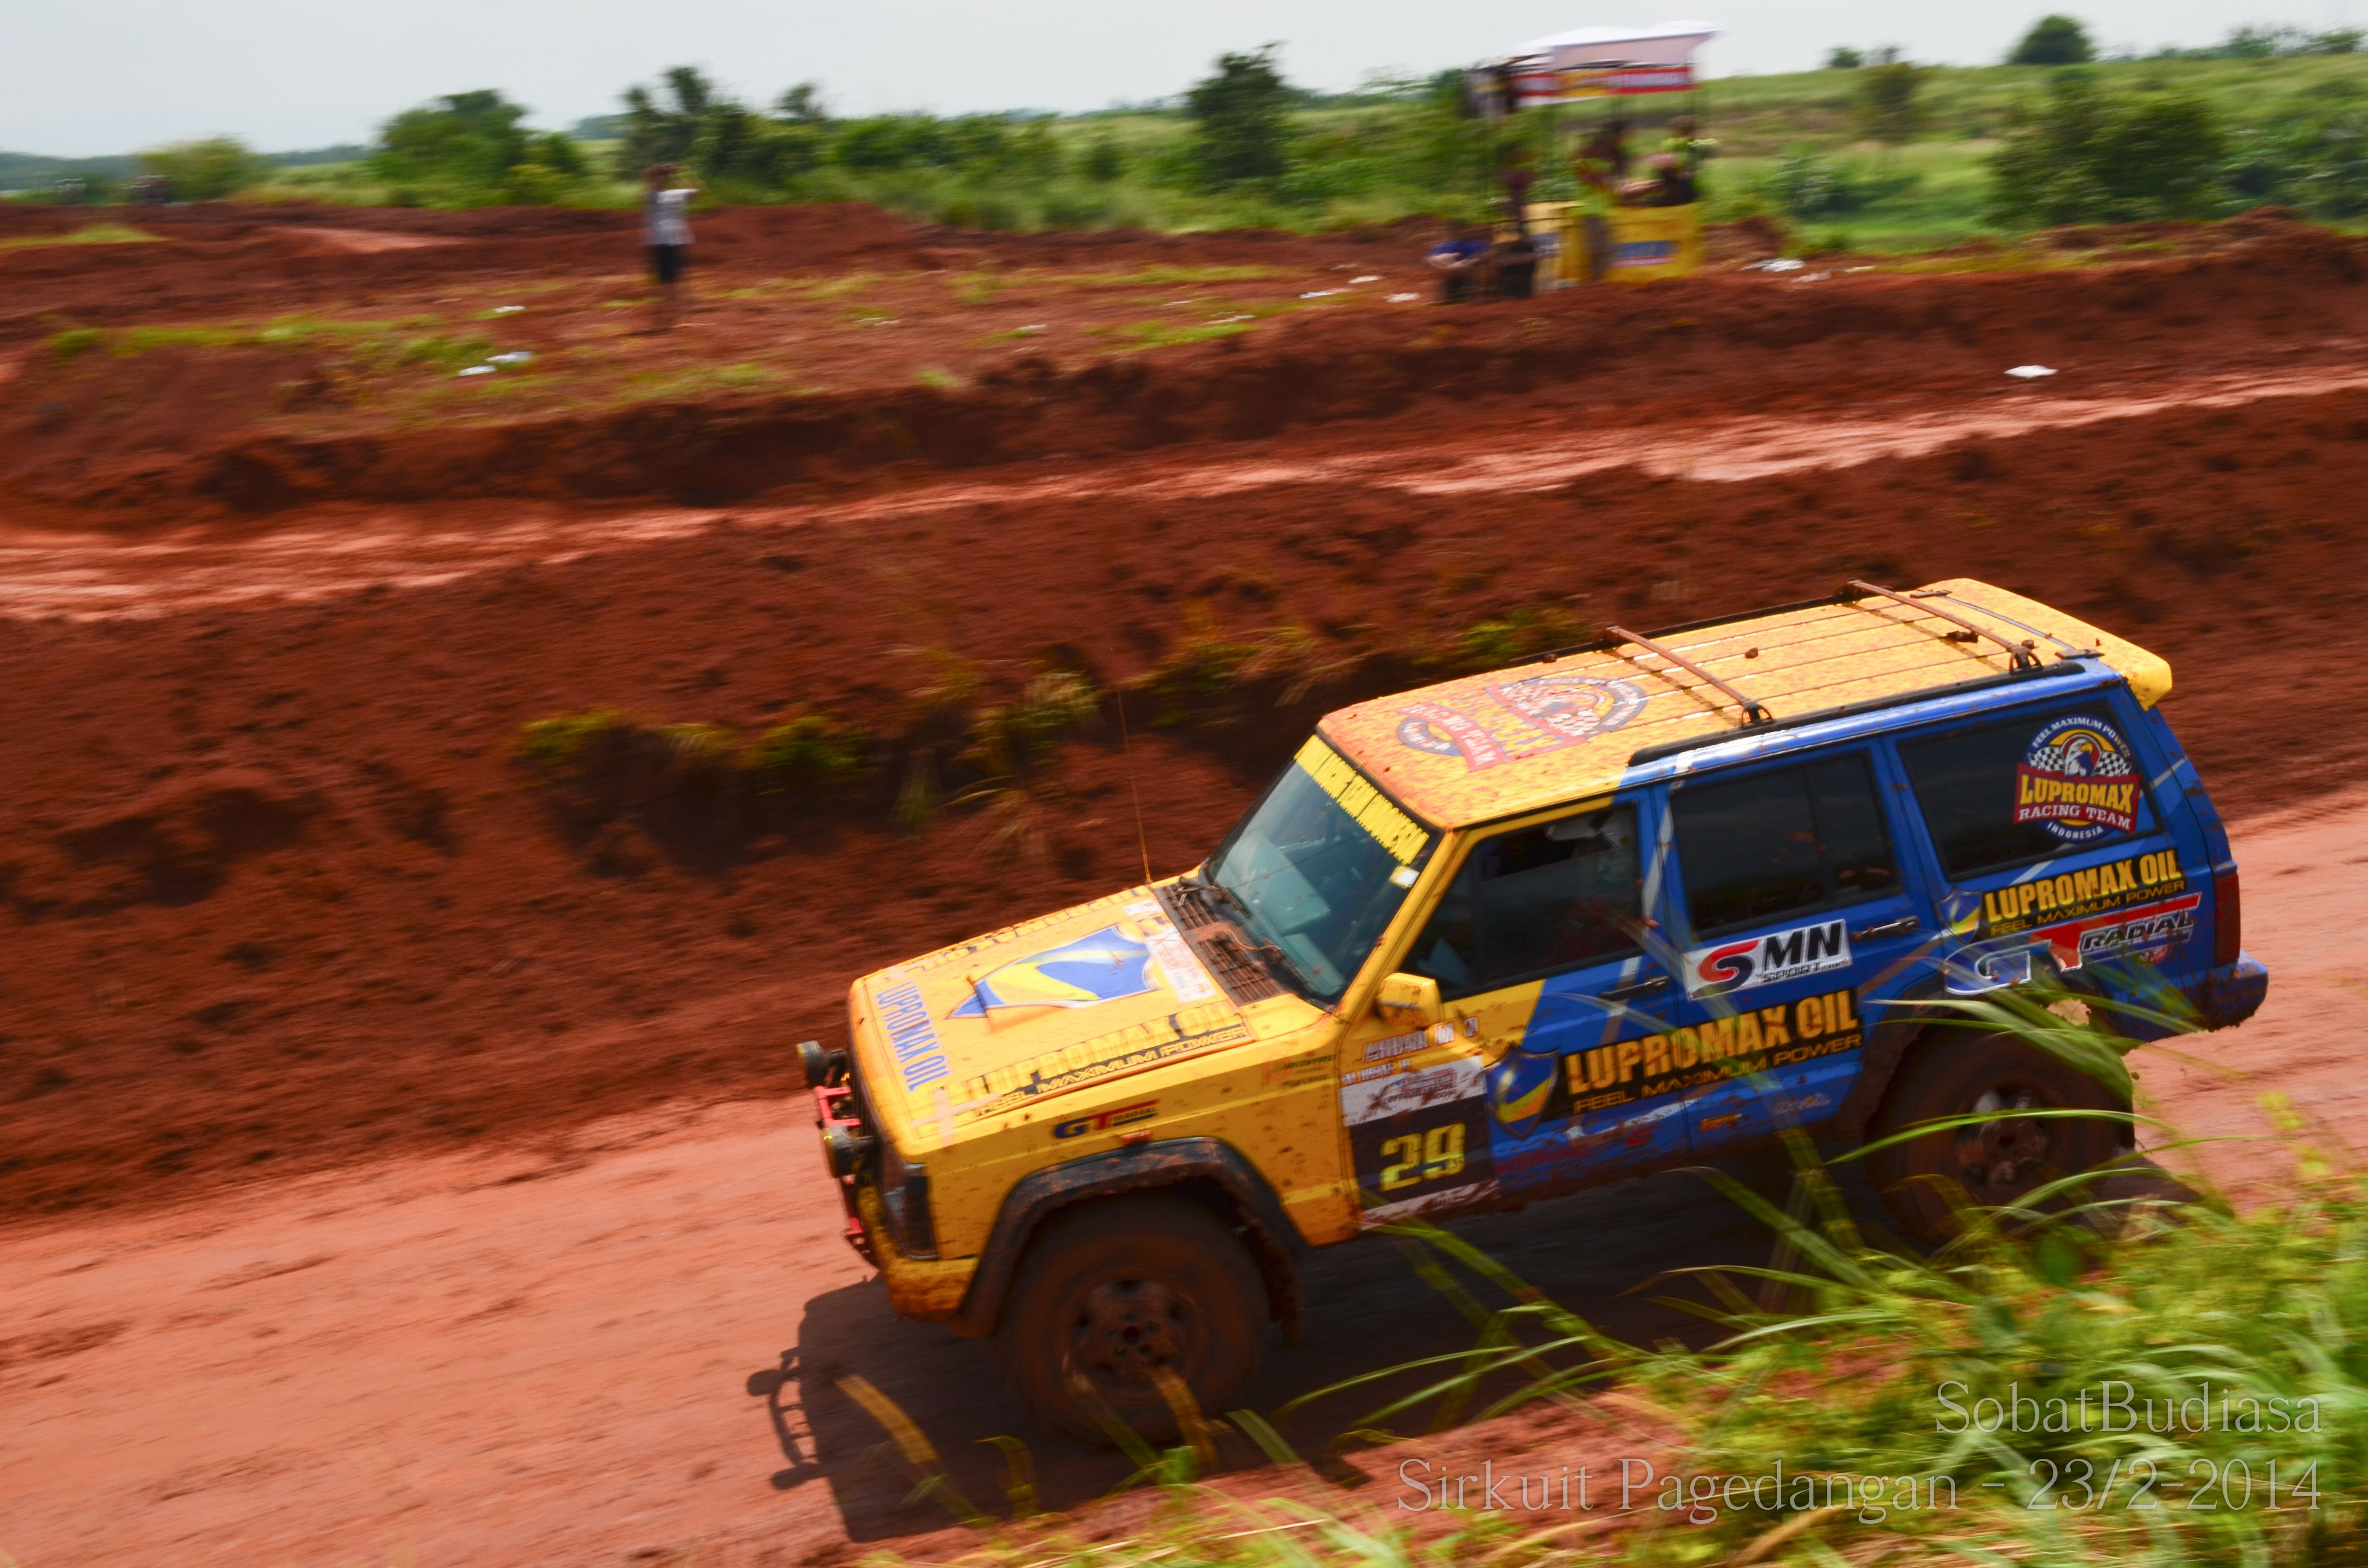 Foto Mobil Off Road Di Sirkuit Pagedangan Bsd Kemarin Ada Lomba Balapan Speed Off Road Mobil Off Road Sirkuit